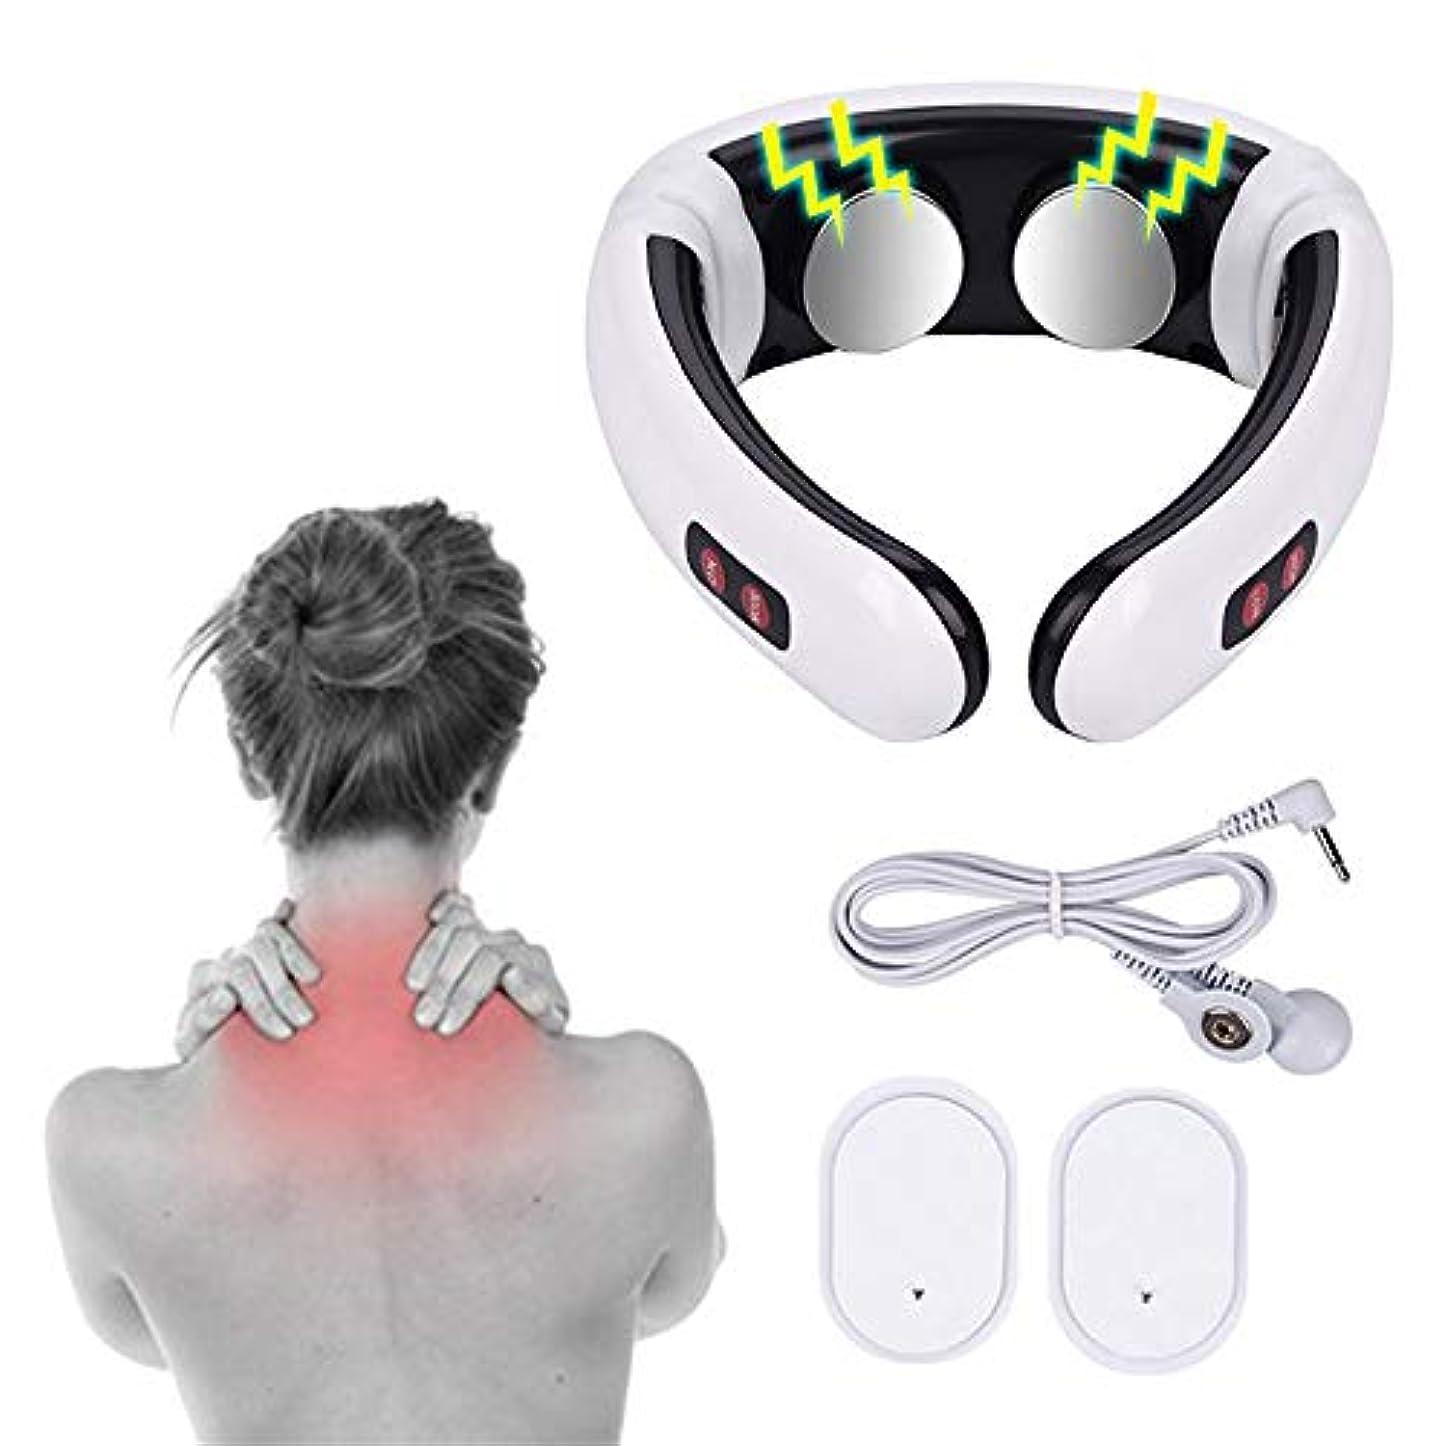 興奮するウィスキーレジ1 PC Electric Pulse Back and Neck Massager Far Infrared Pain Relief Tool Health Care Relaxation Multifunctional...